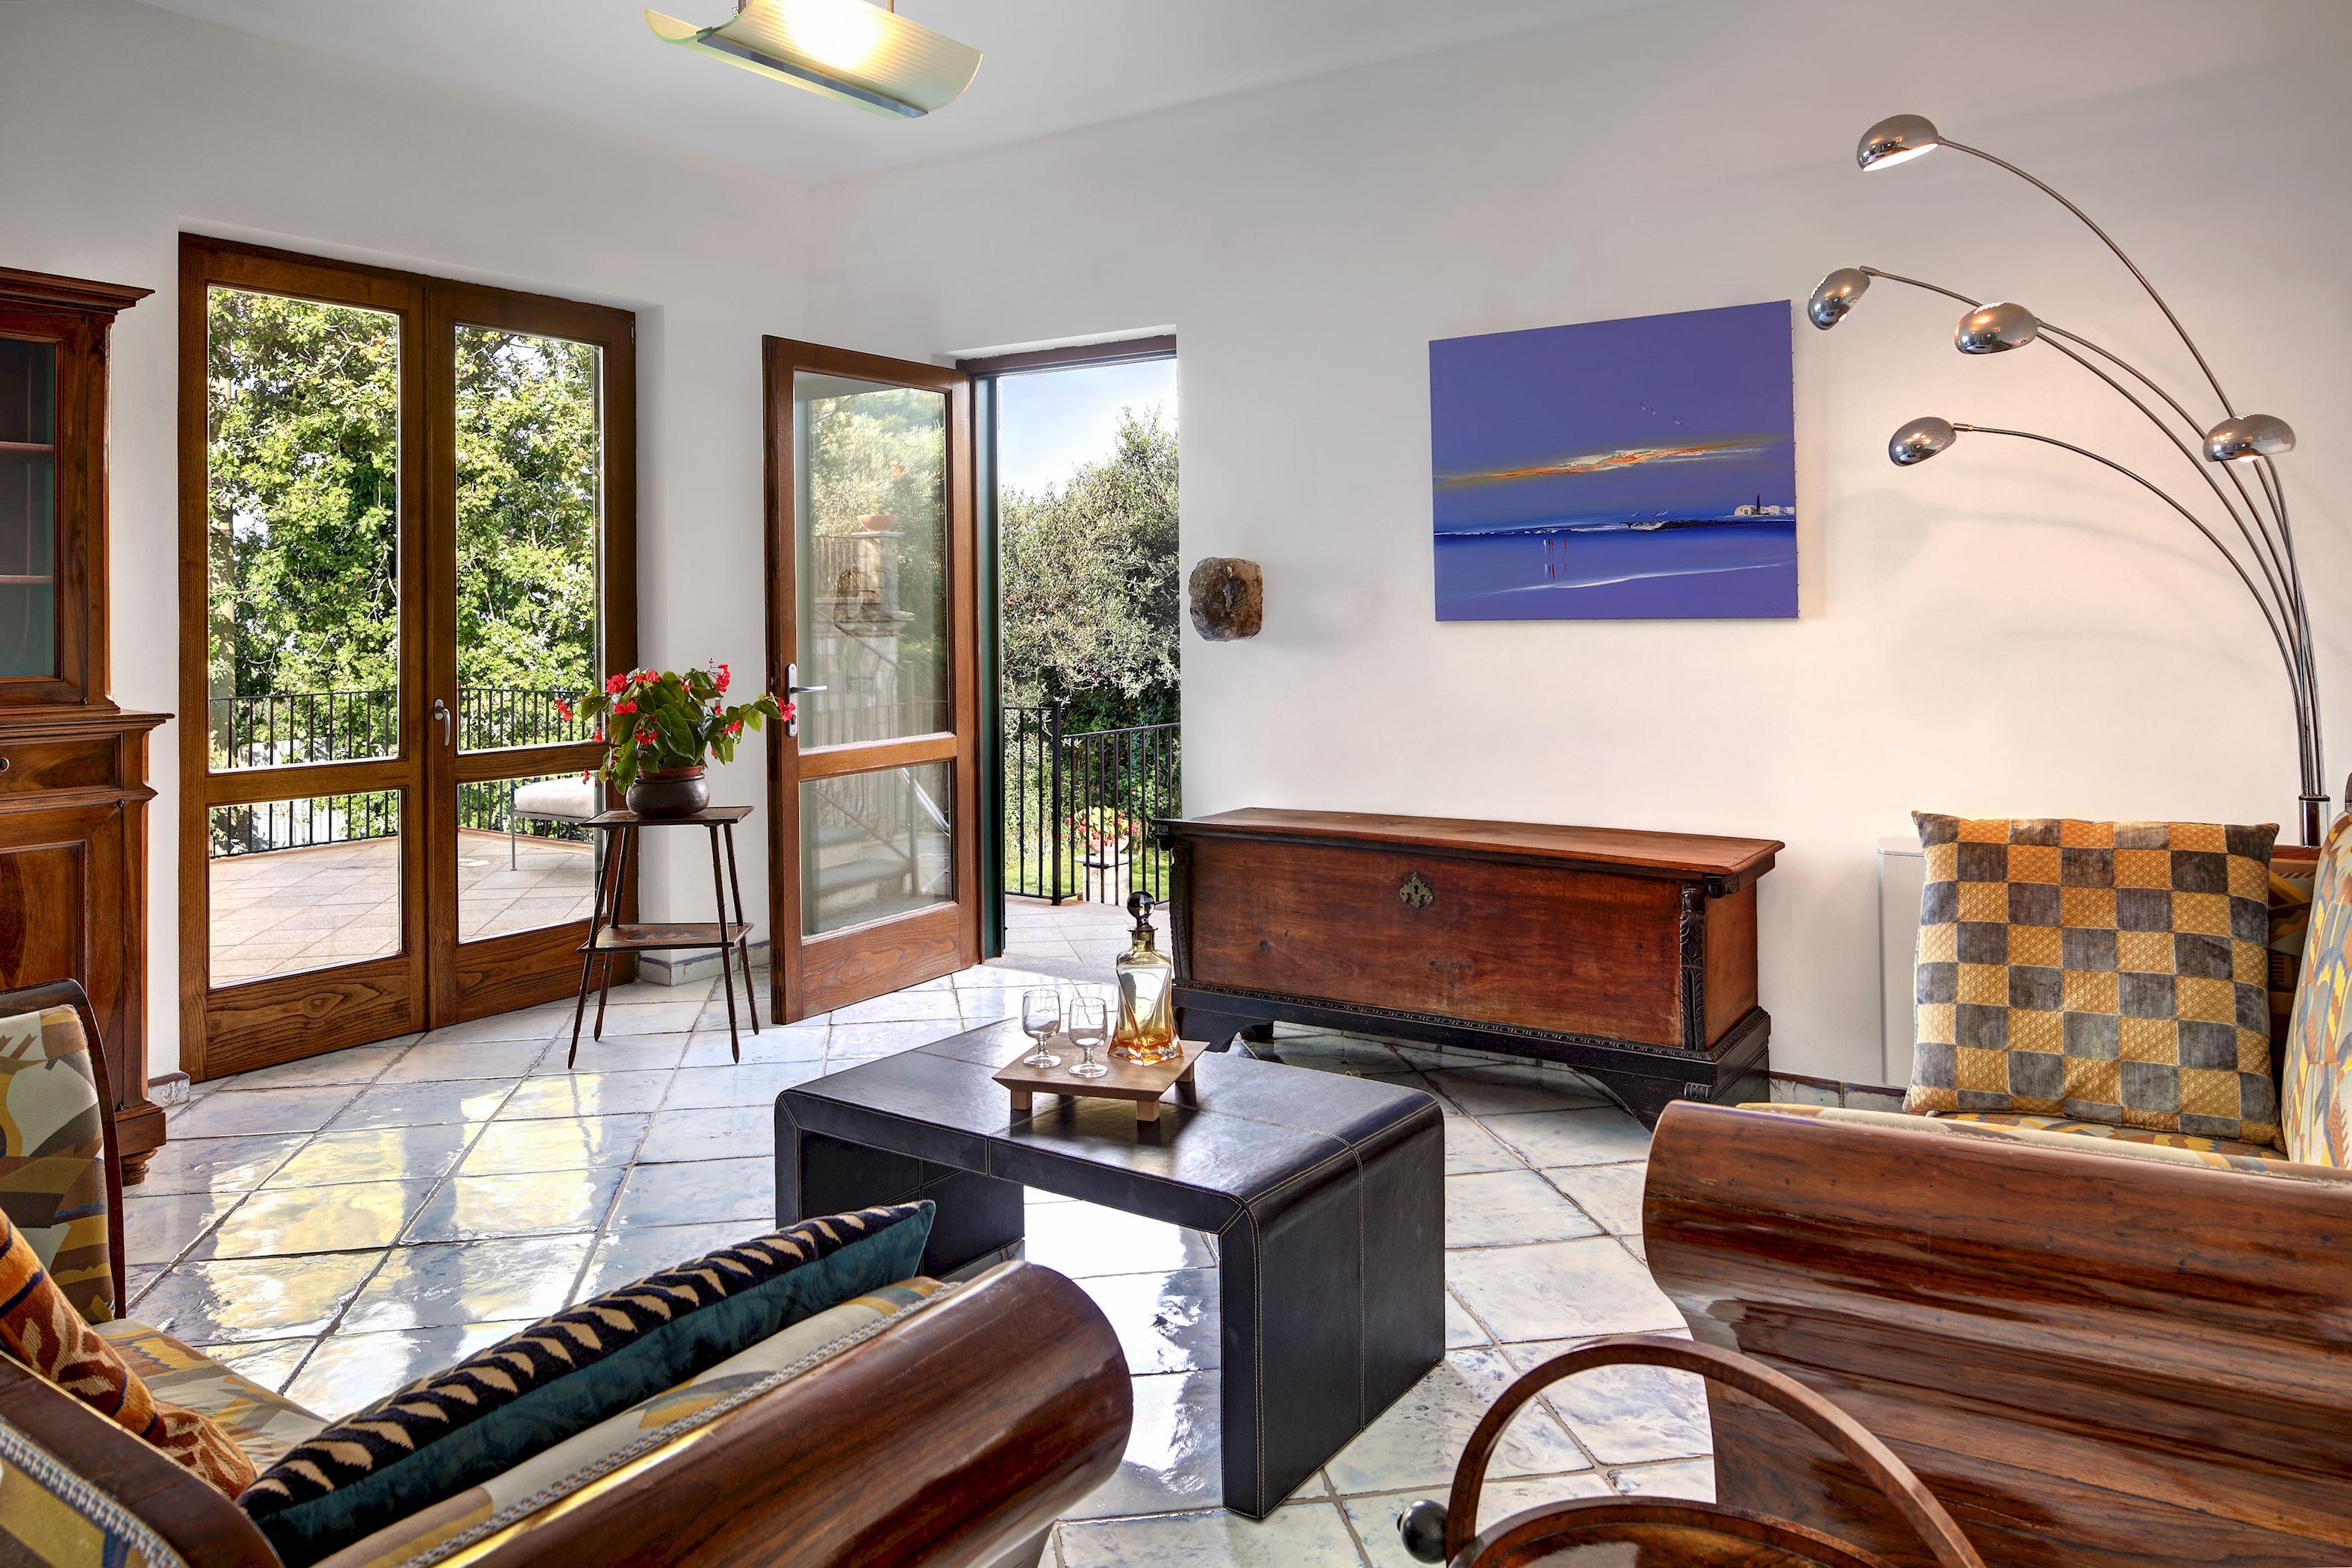 Apartment Villa Vesuvio - Luxury and Beauty photo 25033416